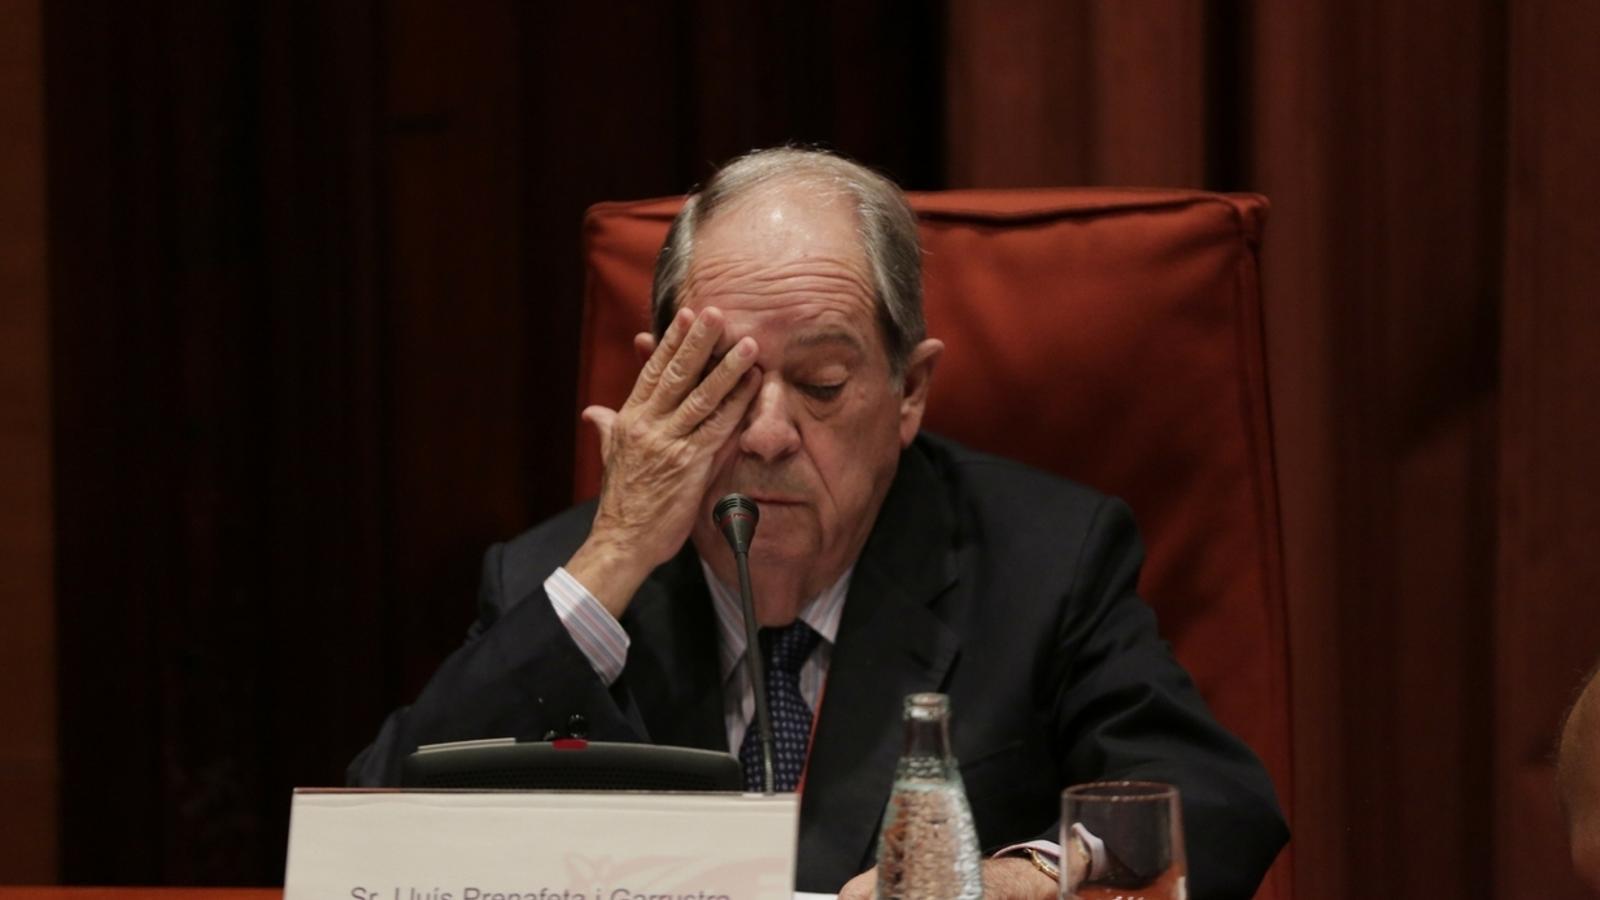 Lluís Prenafeta a la comissió d'investigació sobre el frau fiscal / CRISTINA CALDERER